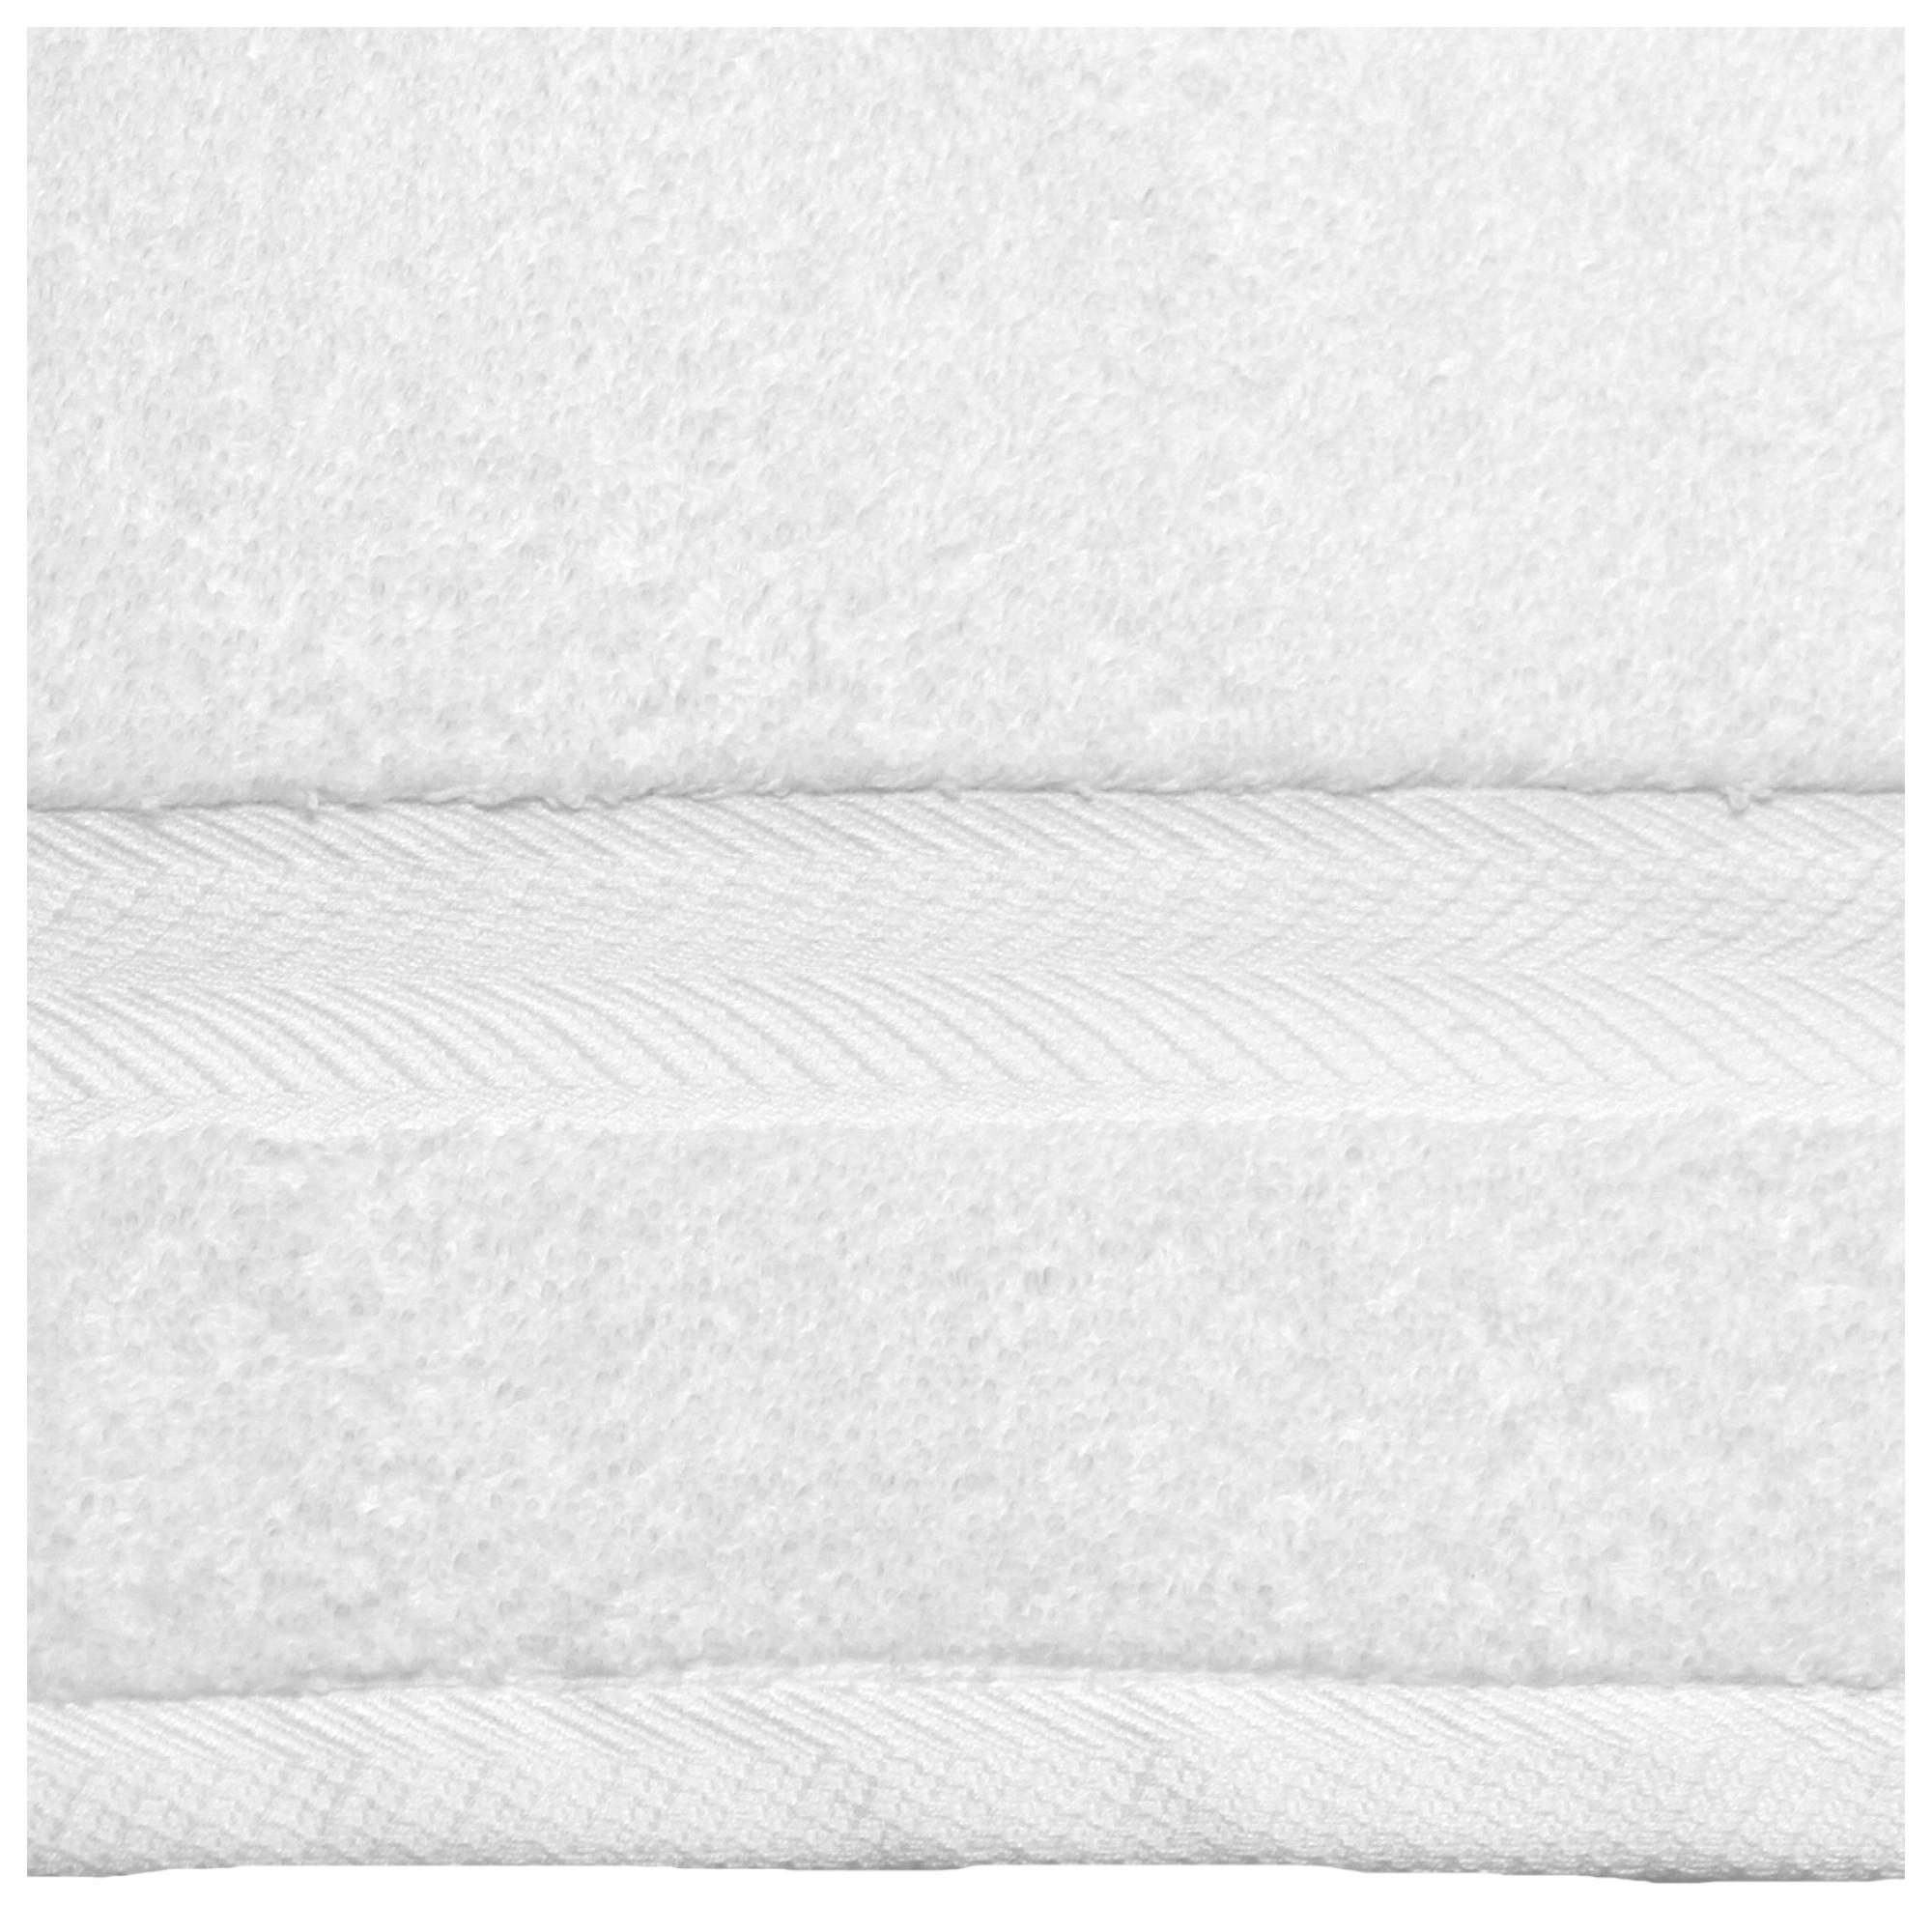 Handdoek 1 wit 01